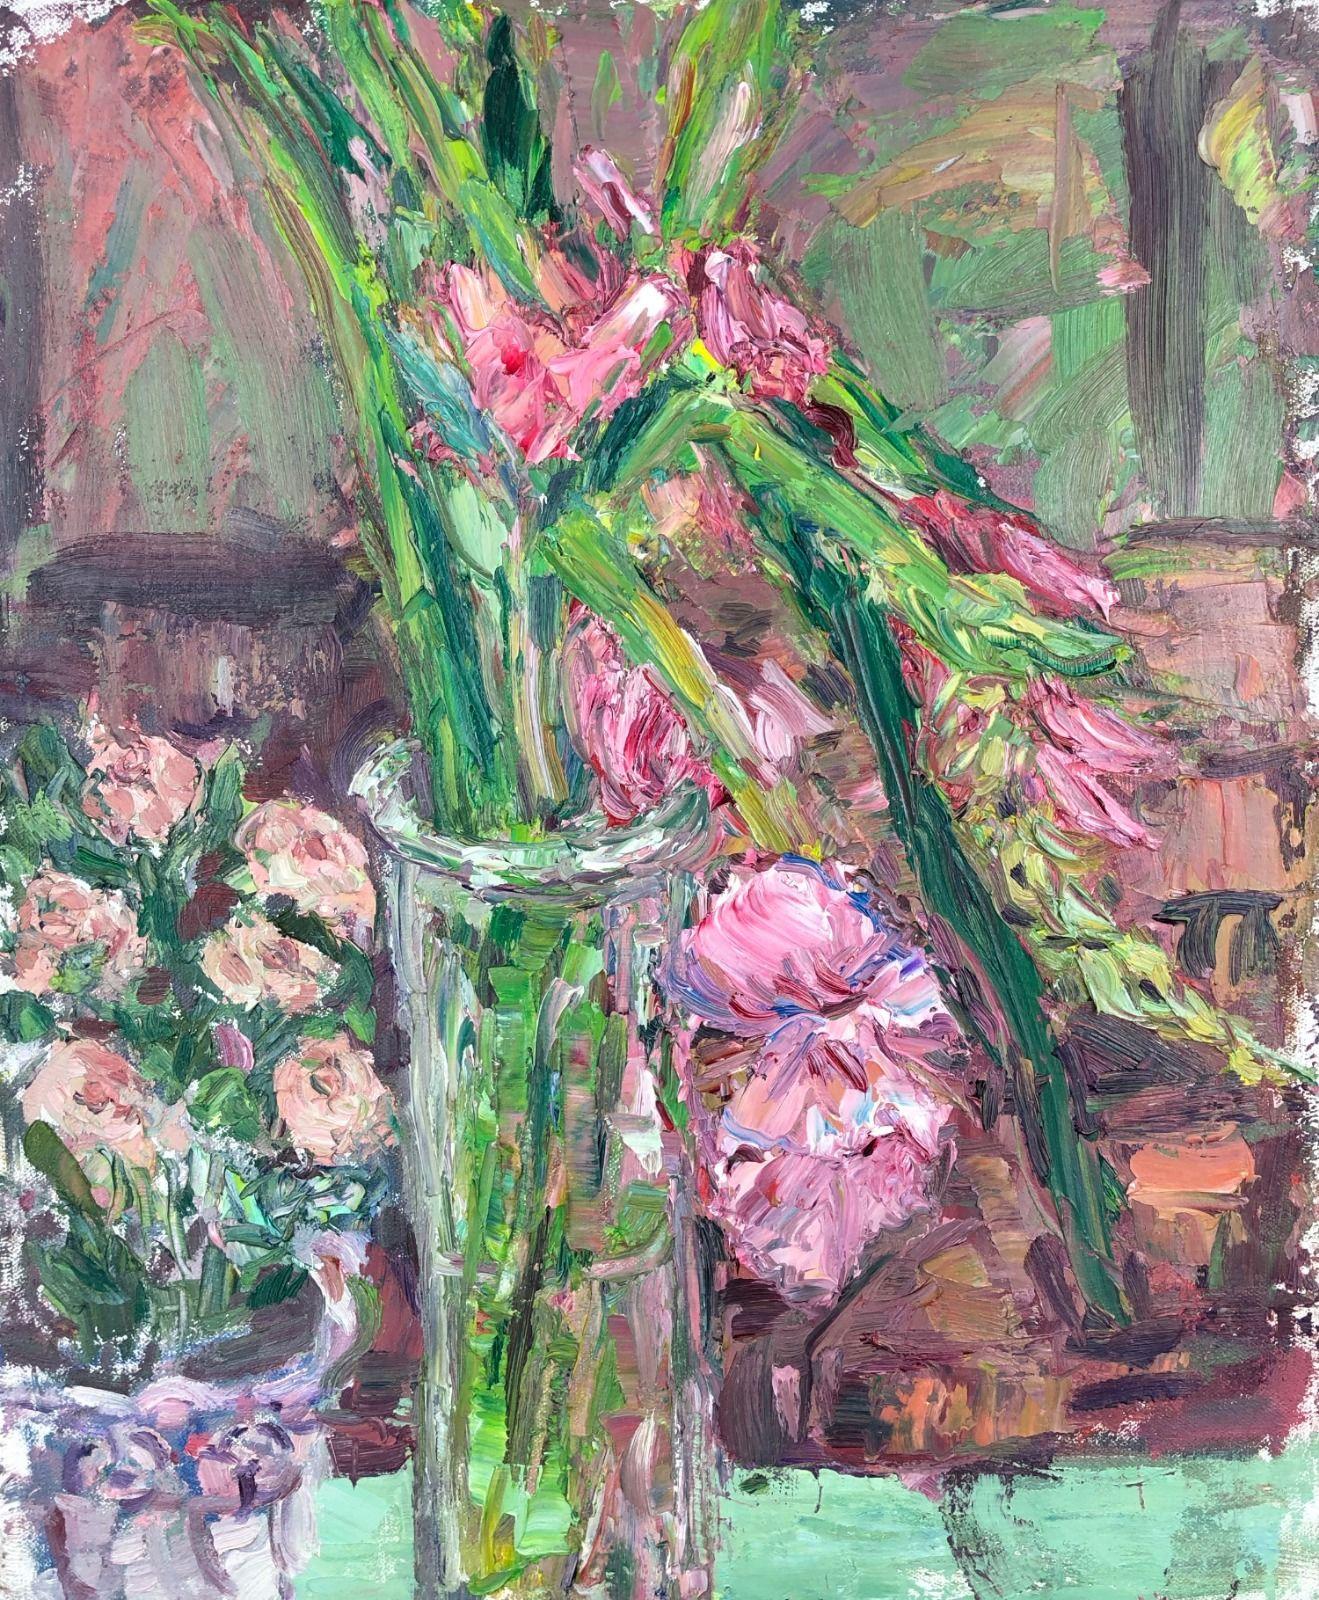 Pink Gladioli in a Jar. 17in x 14in